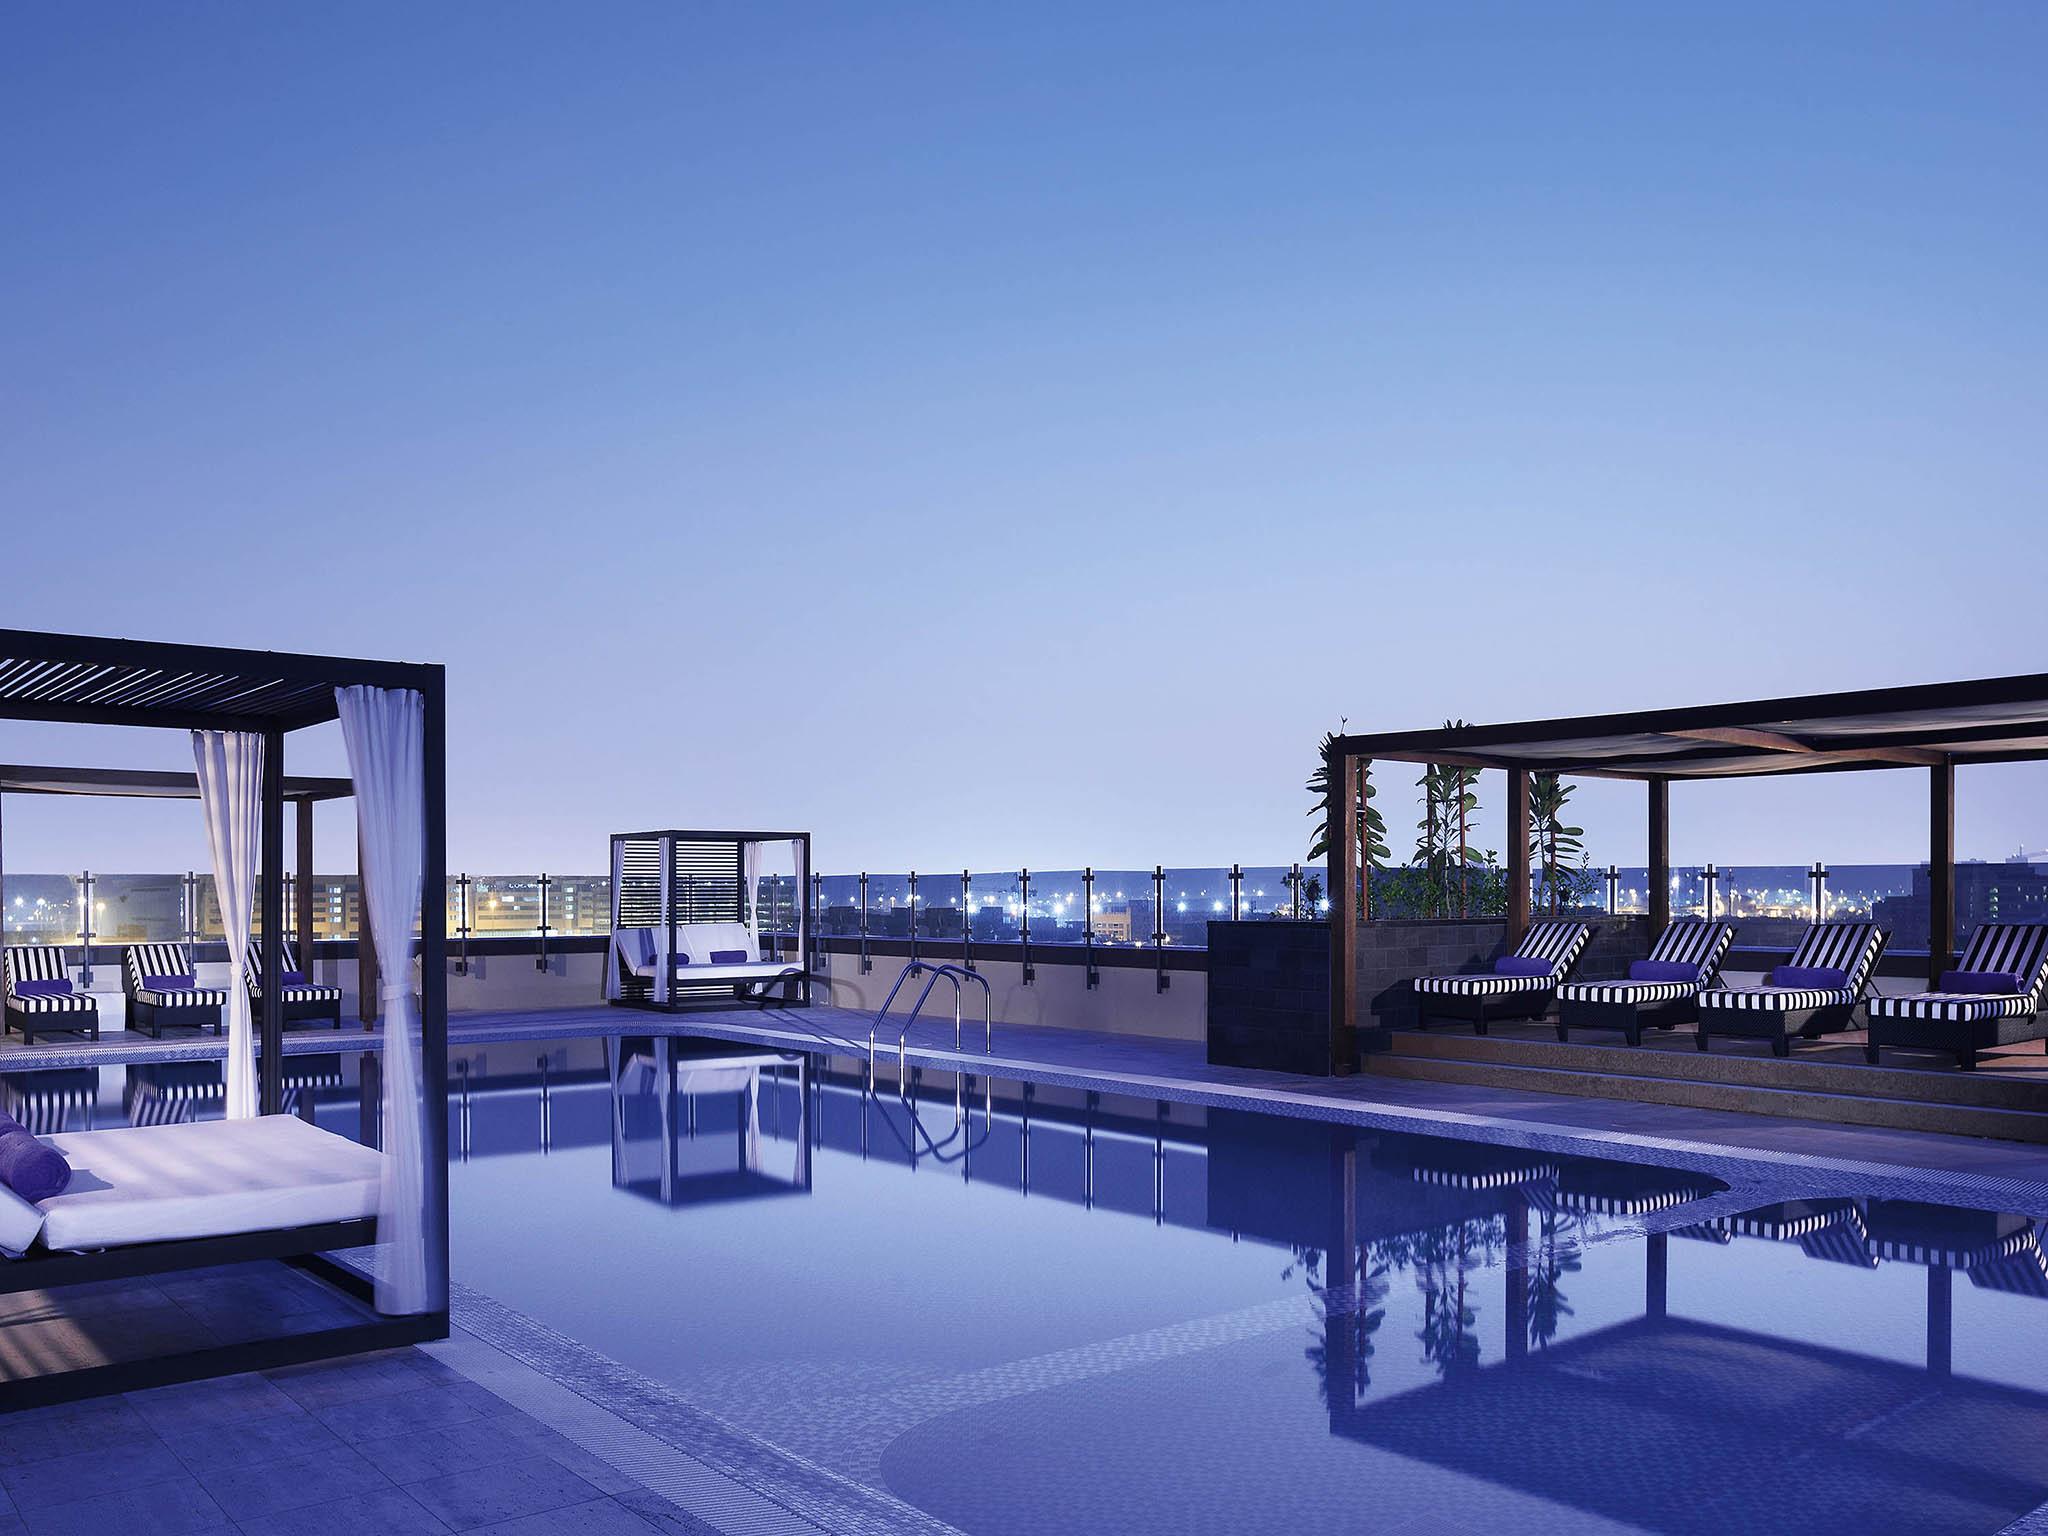 هتل ماریوت اگزکیوتیو آپارتمانز دبی کریک